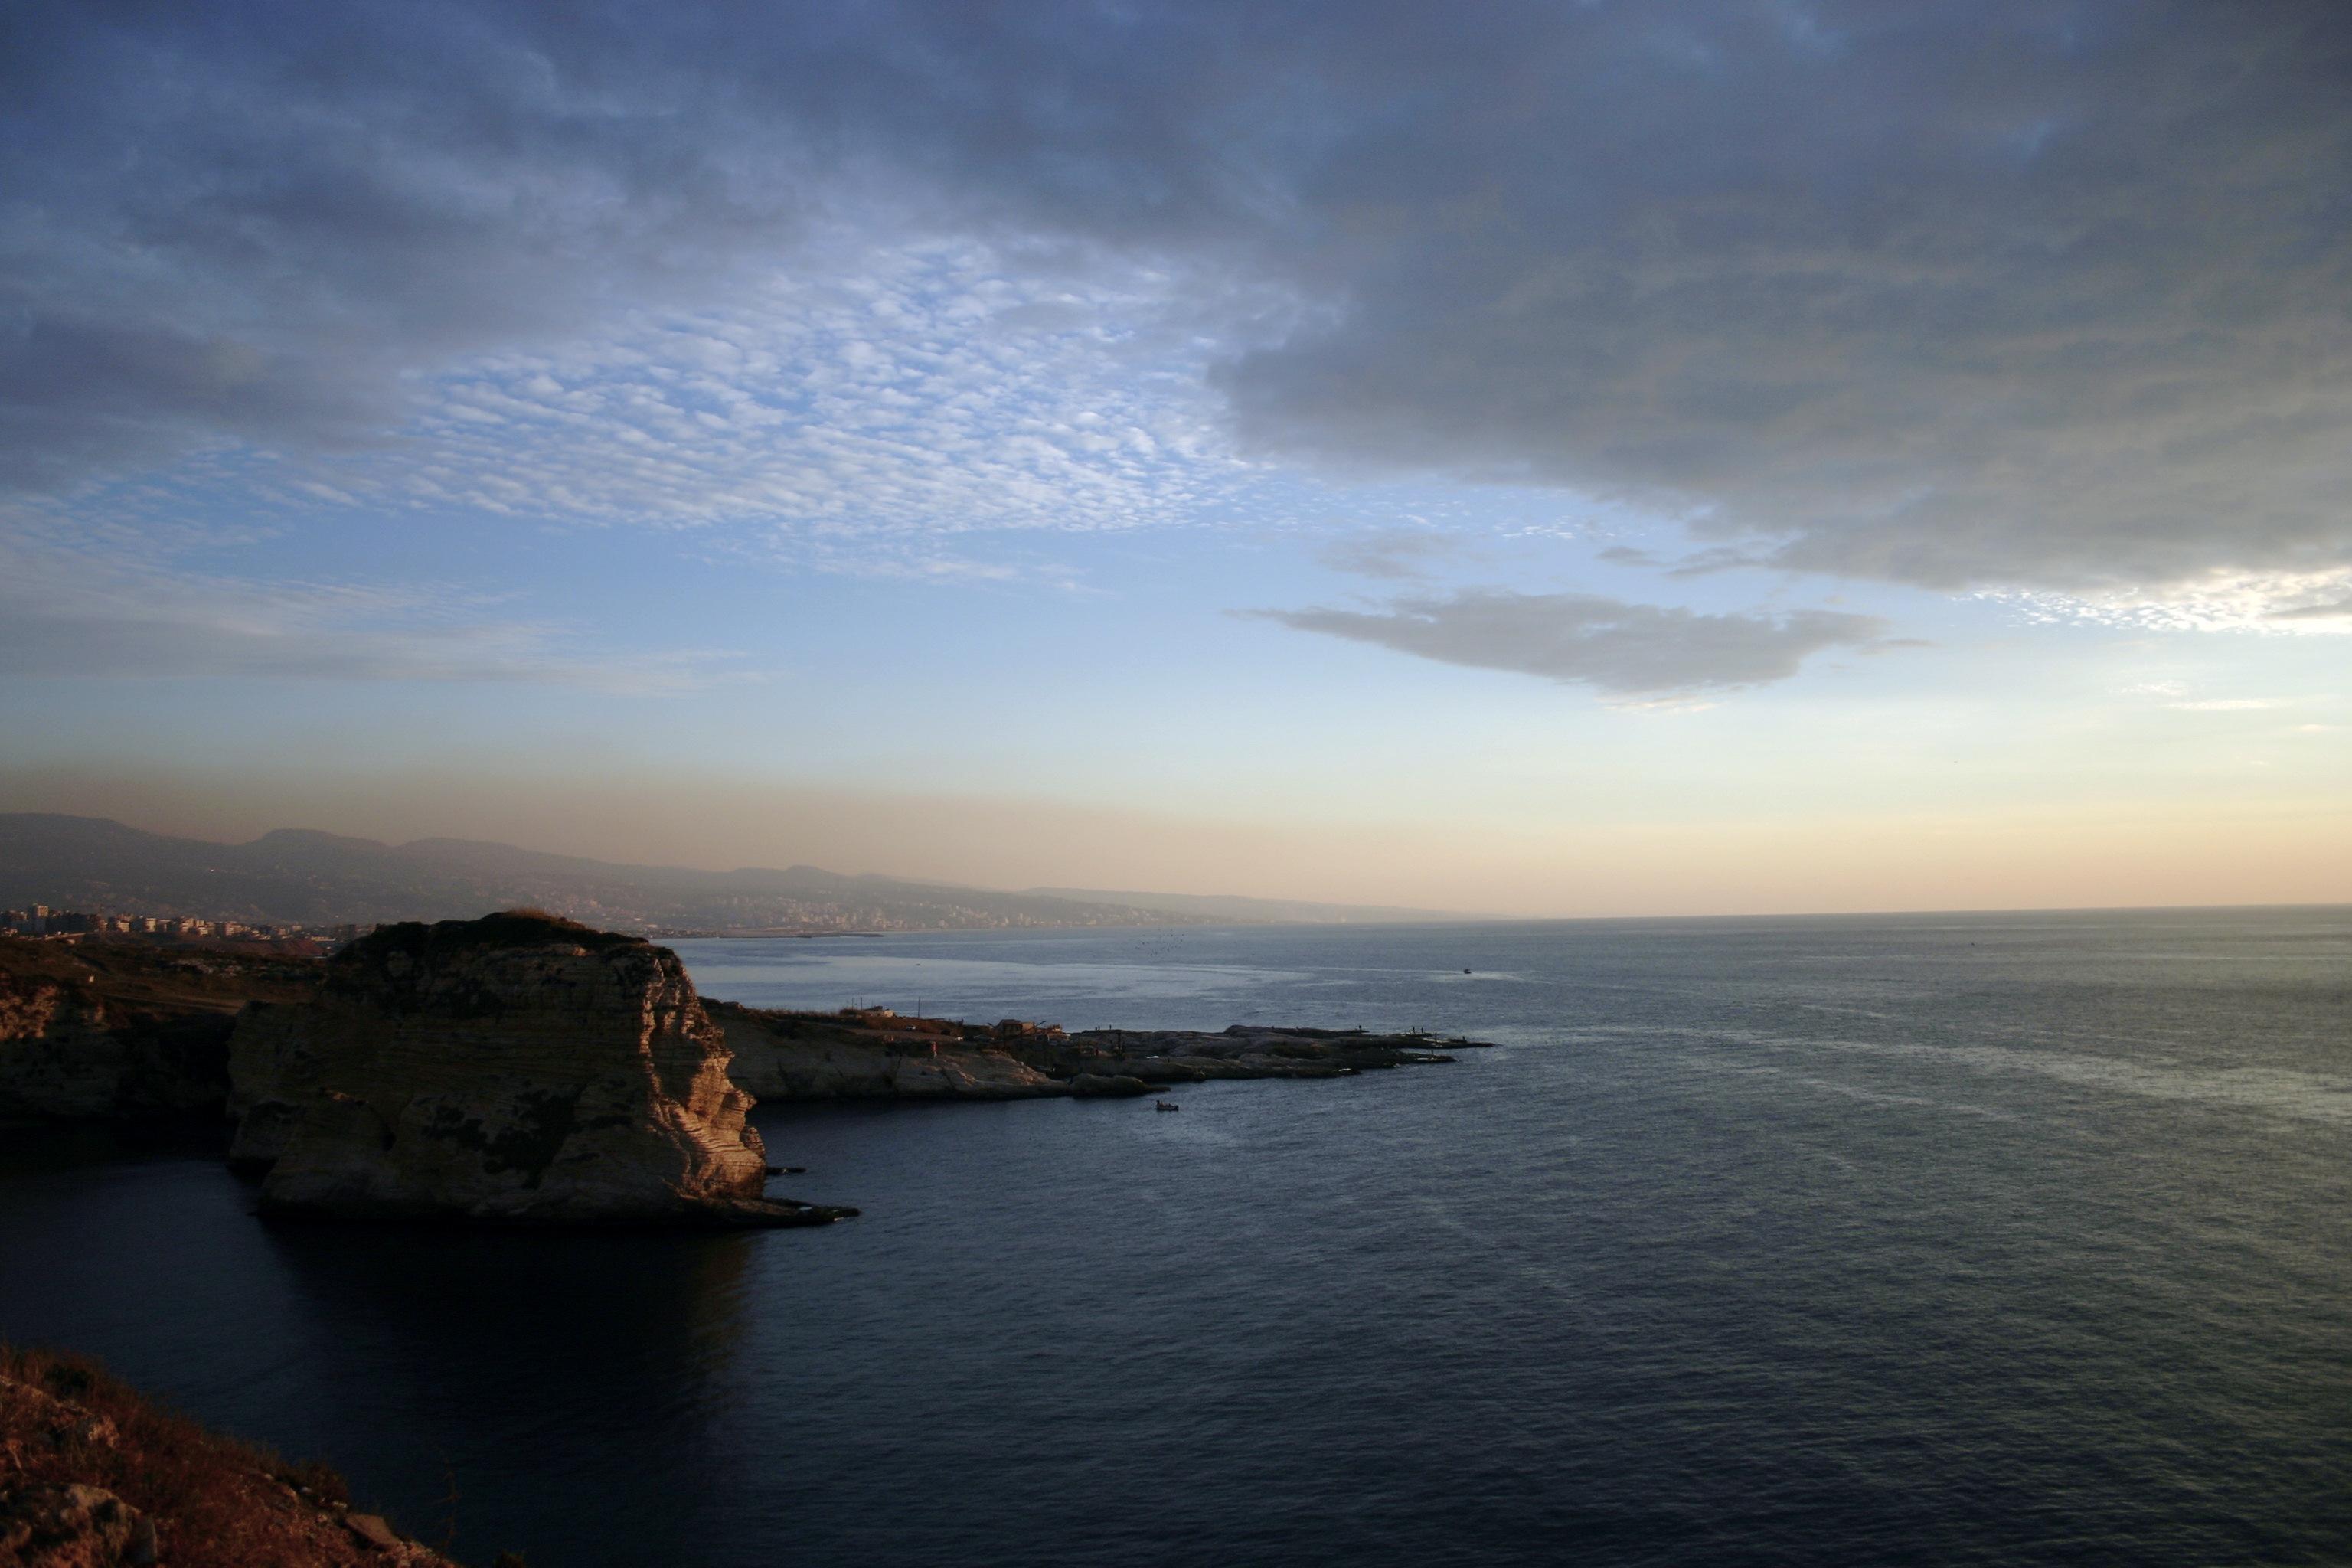 التعريف بلبنان كبلد سياحي المعلومات Beirut_sunset(5).jpg